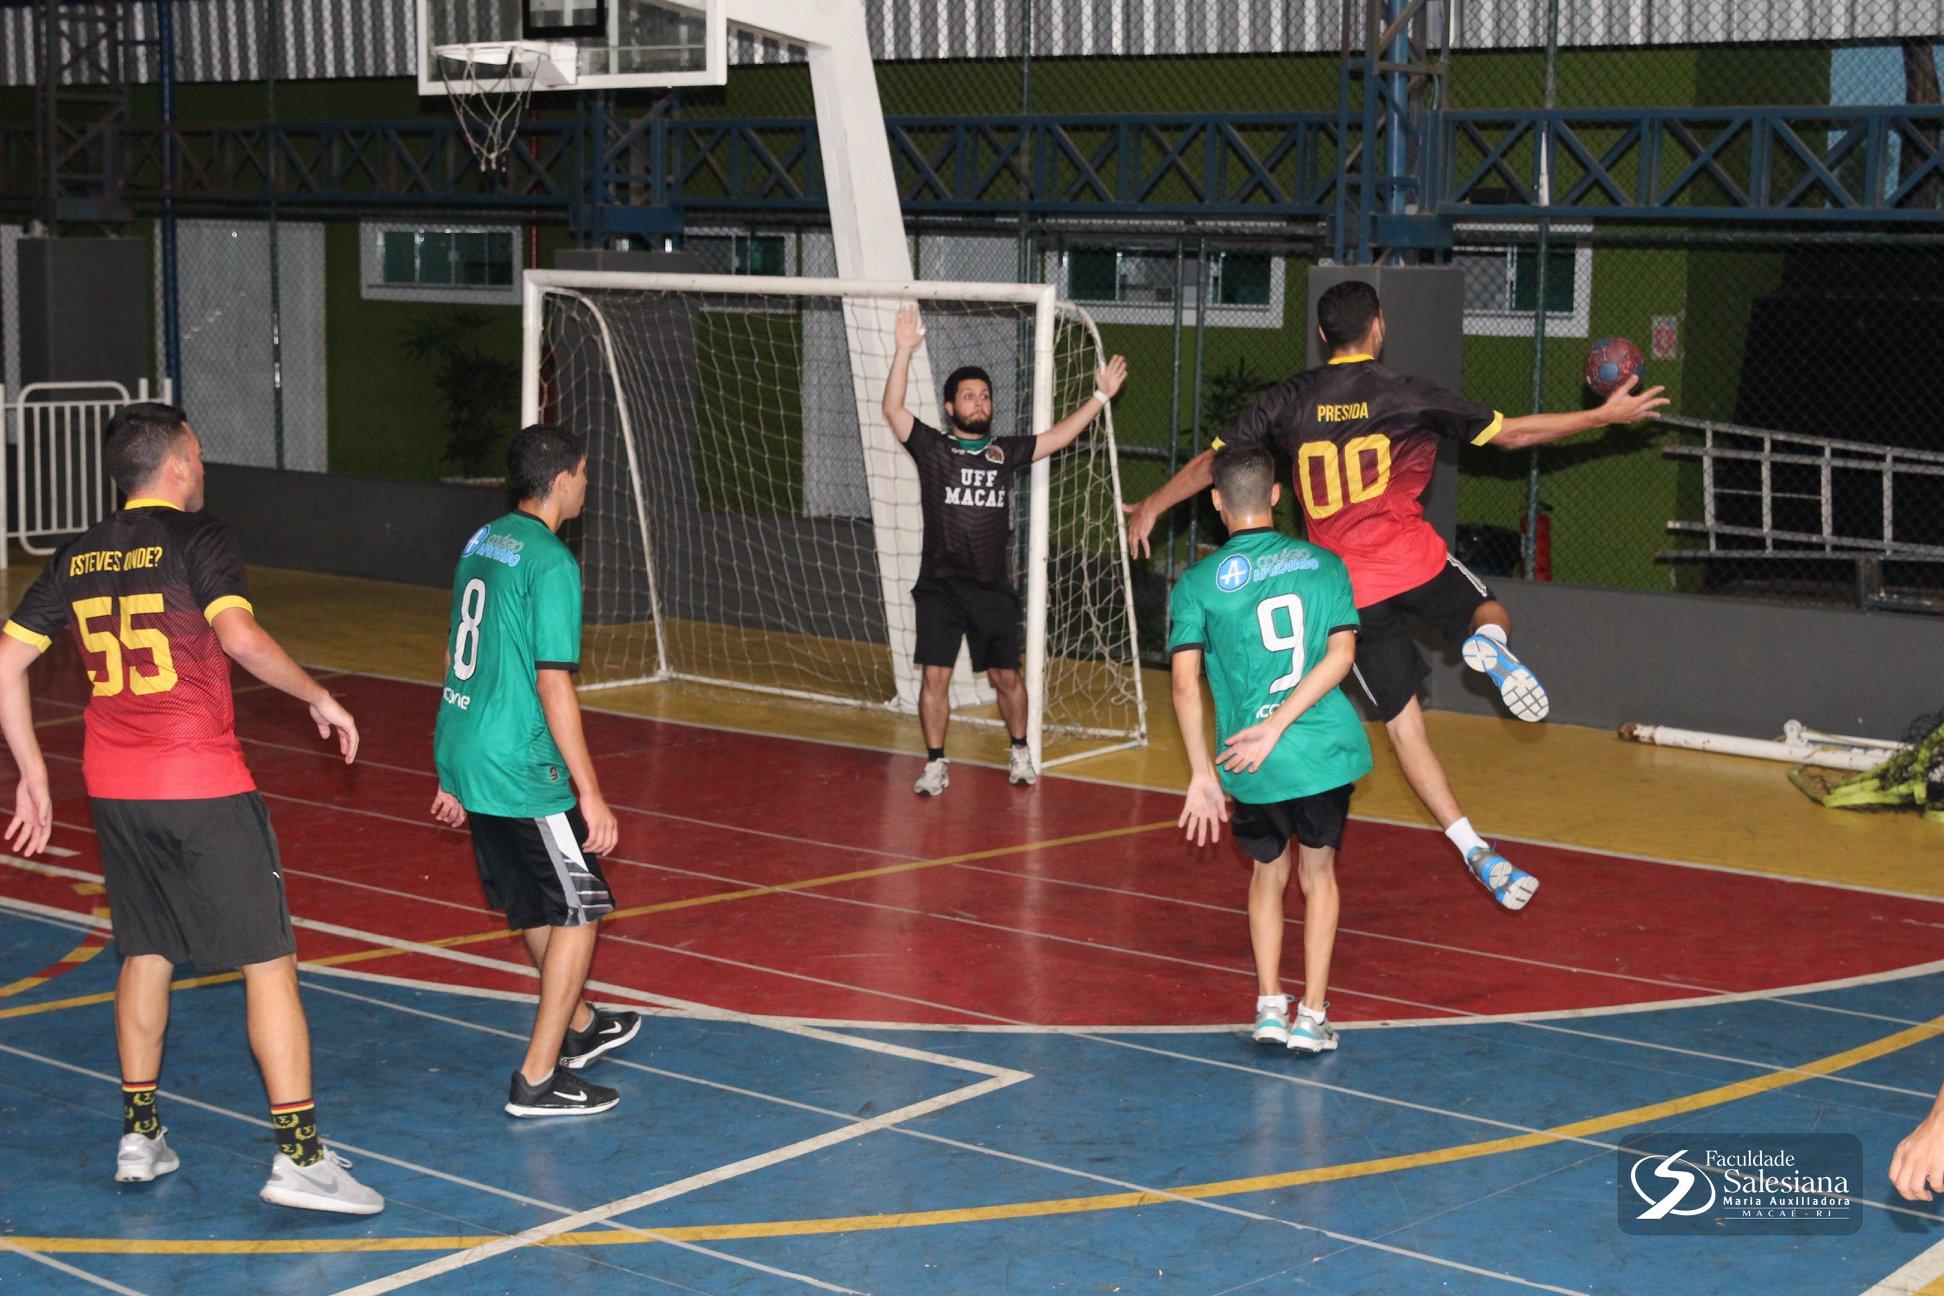 Espartanoz vence amistoso contra Doutrinadores da UFF